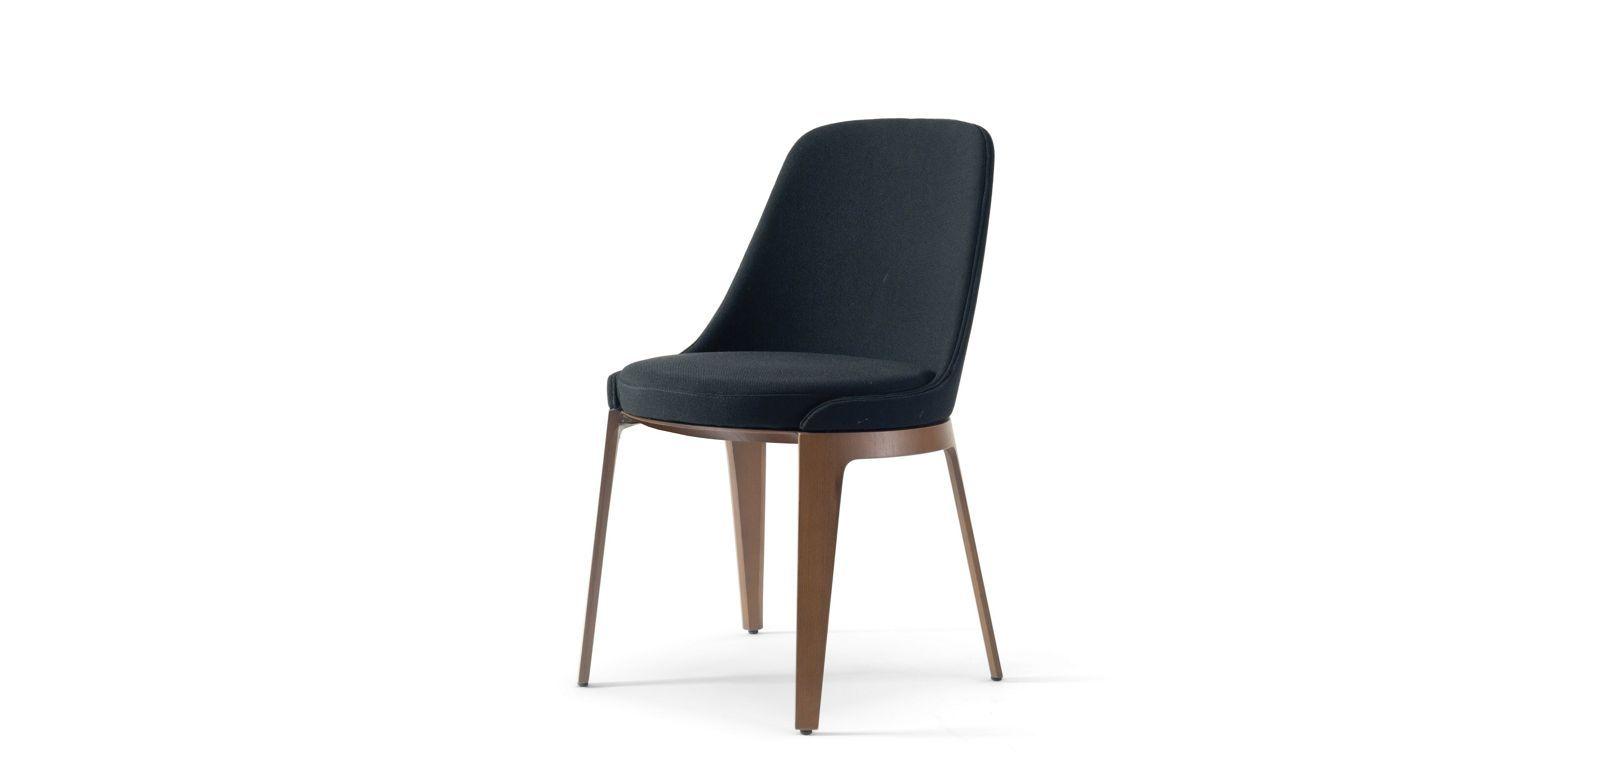 chaise pivotante avec syst me de retour automatique coque. Black Bedroom Furniture Sets. Home Design Ideas